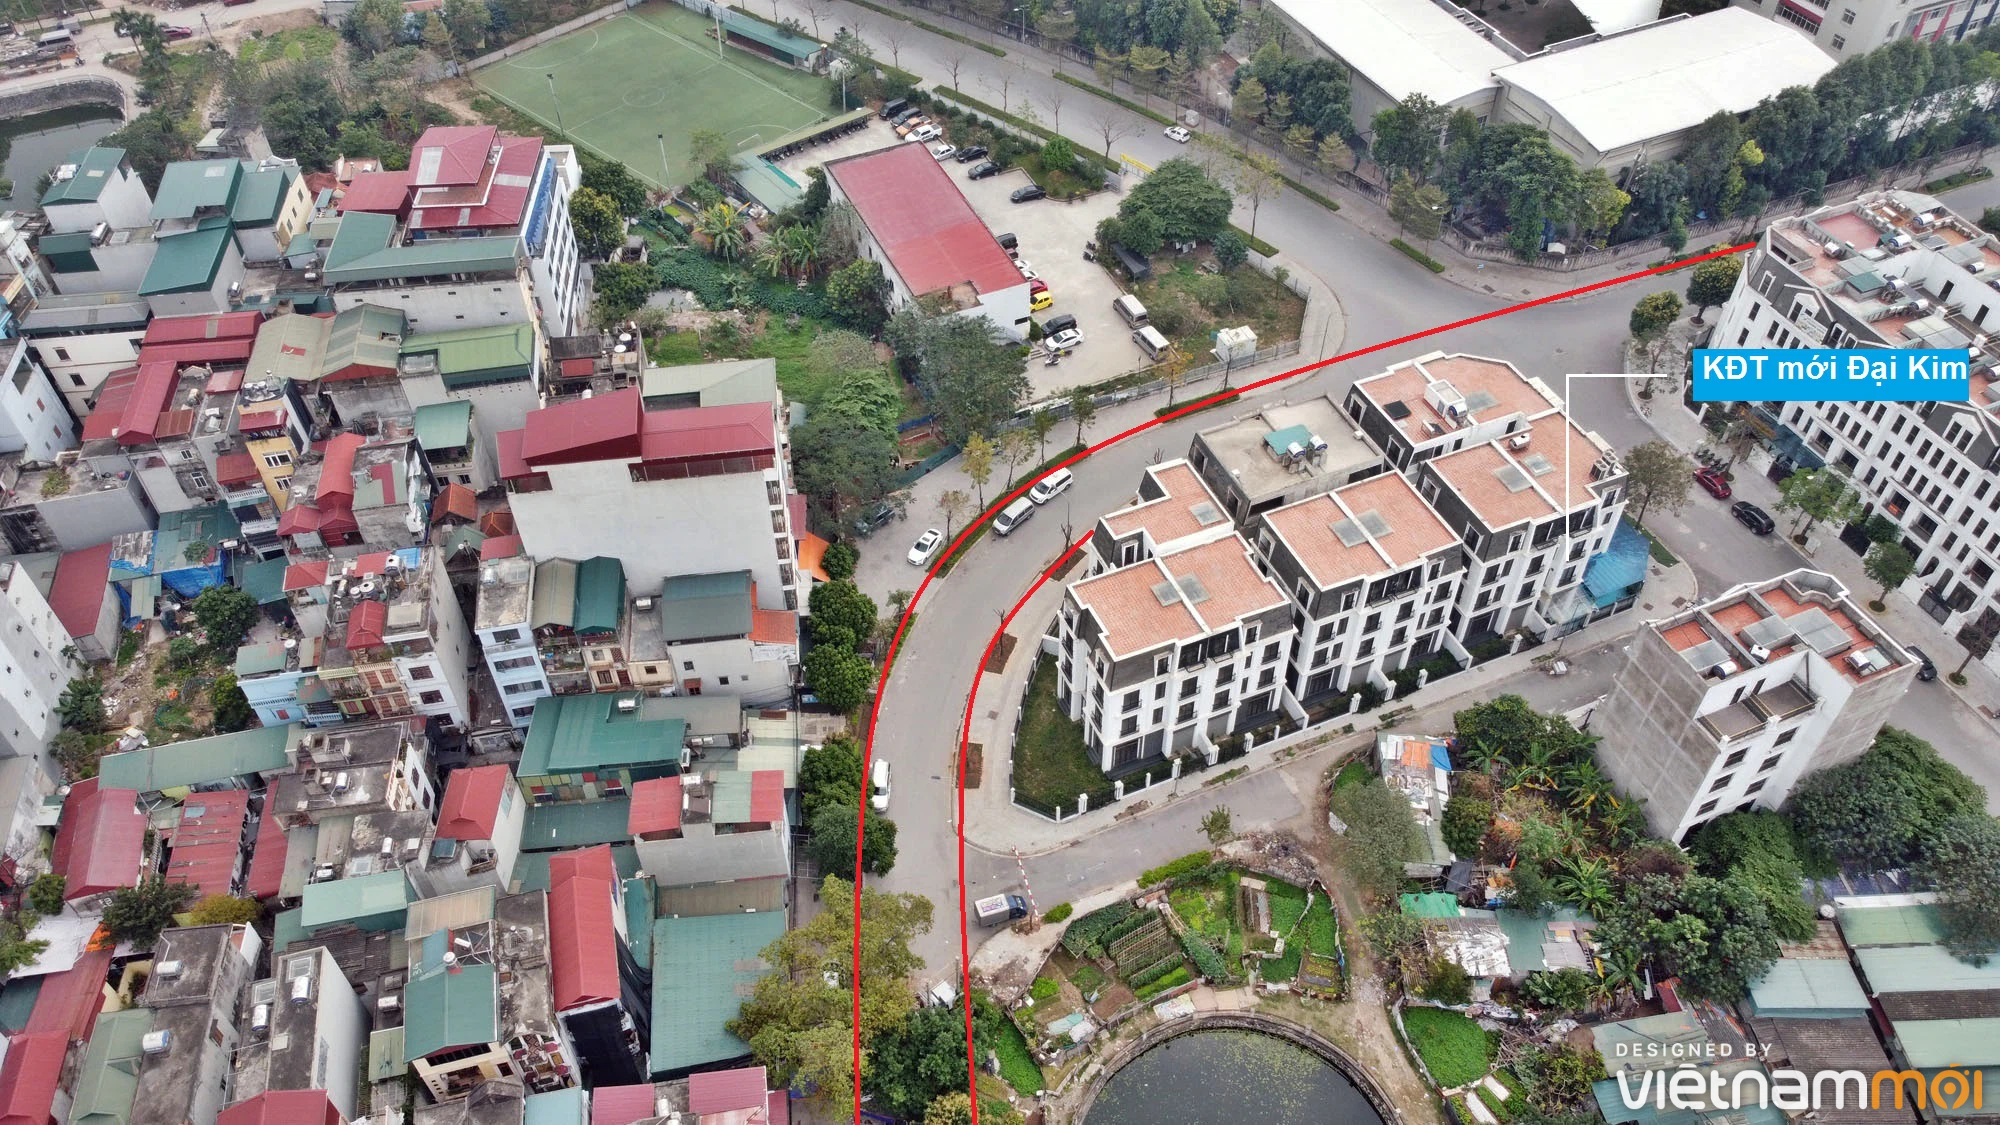 Đường sẽ mở theo quy hoạch ở phường Đại Kim, Hoàng Mai, Hà Nội (phần 3) - Ảnh 4.